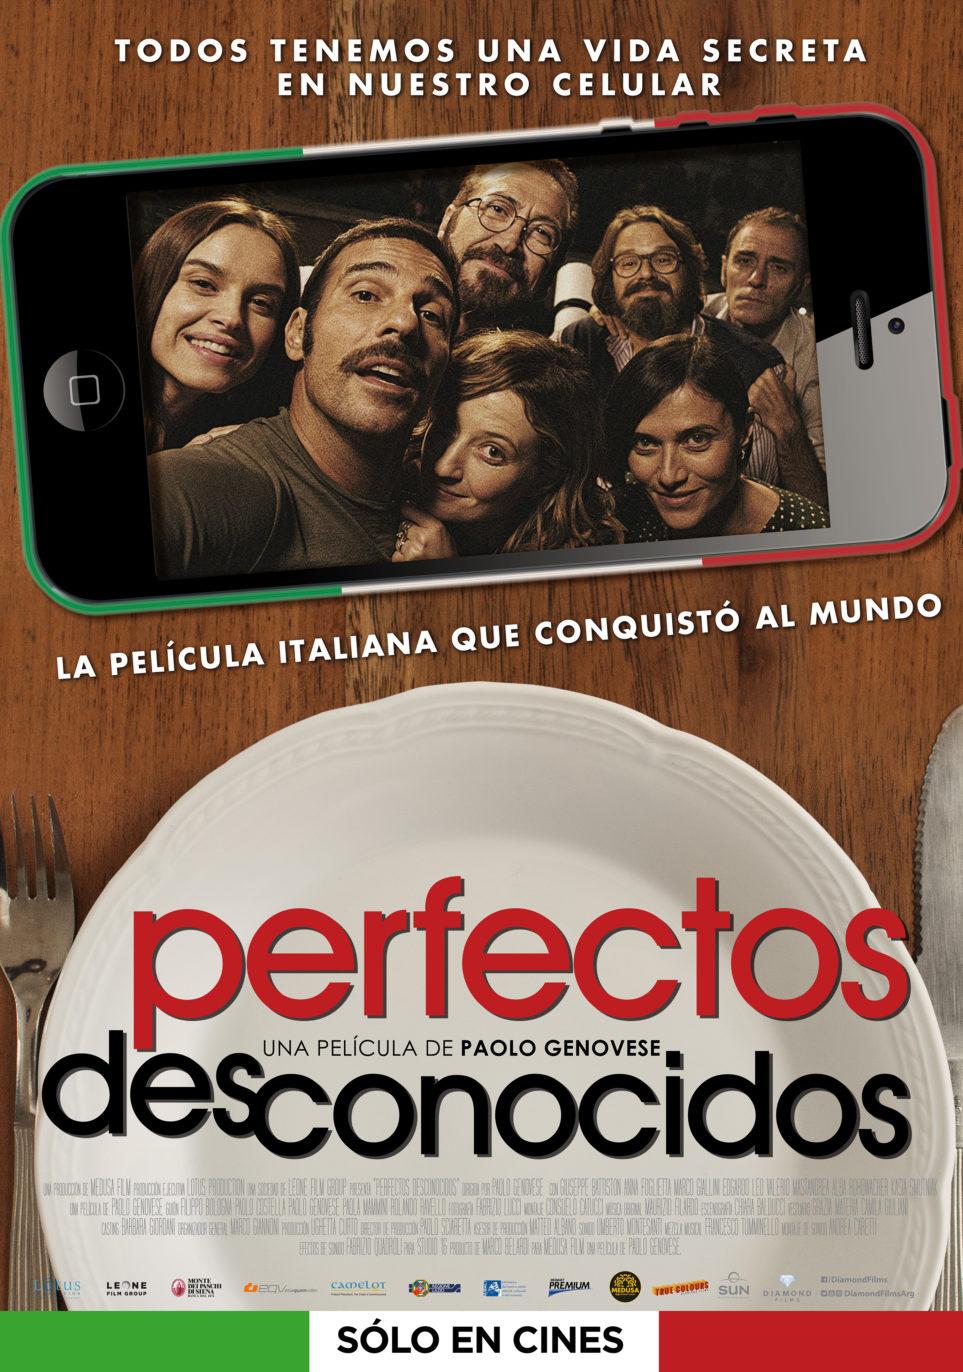 PERFECTOS-DESCONOCIDOS-e1492903375255.jpg